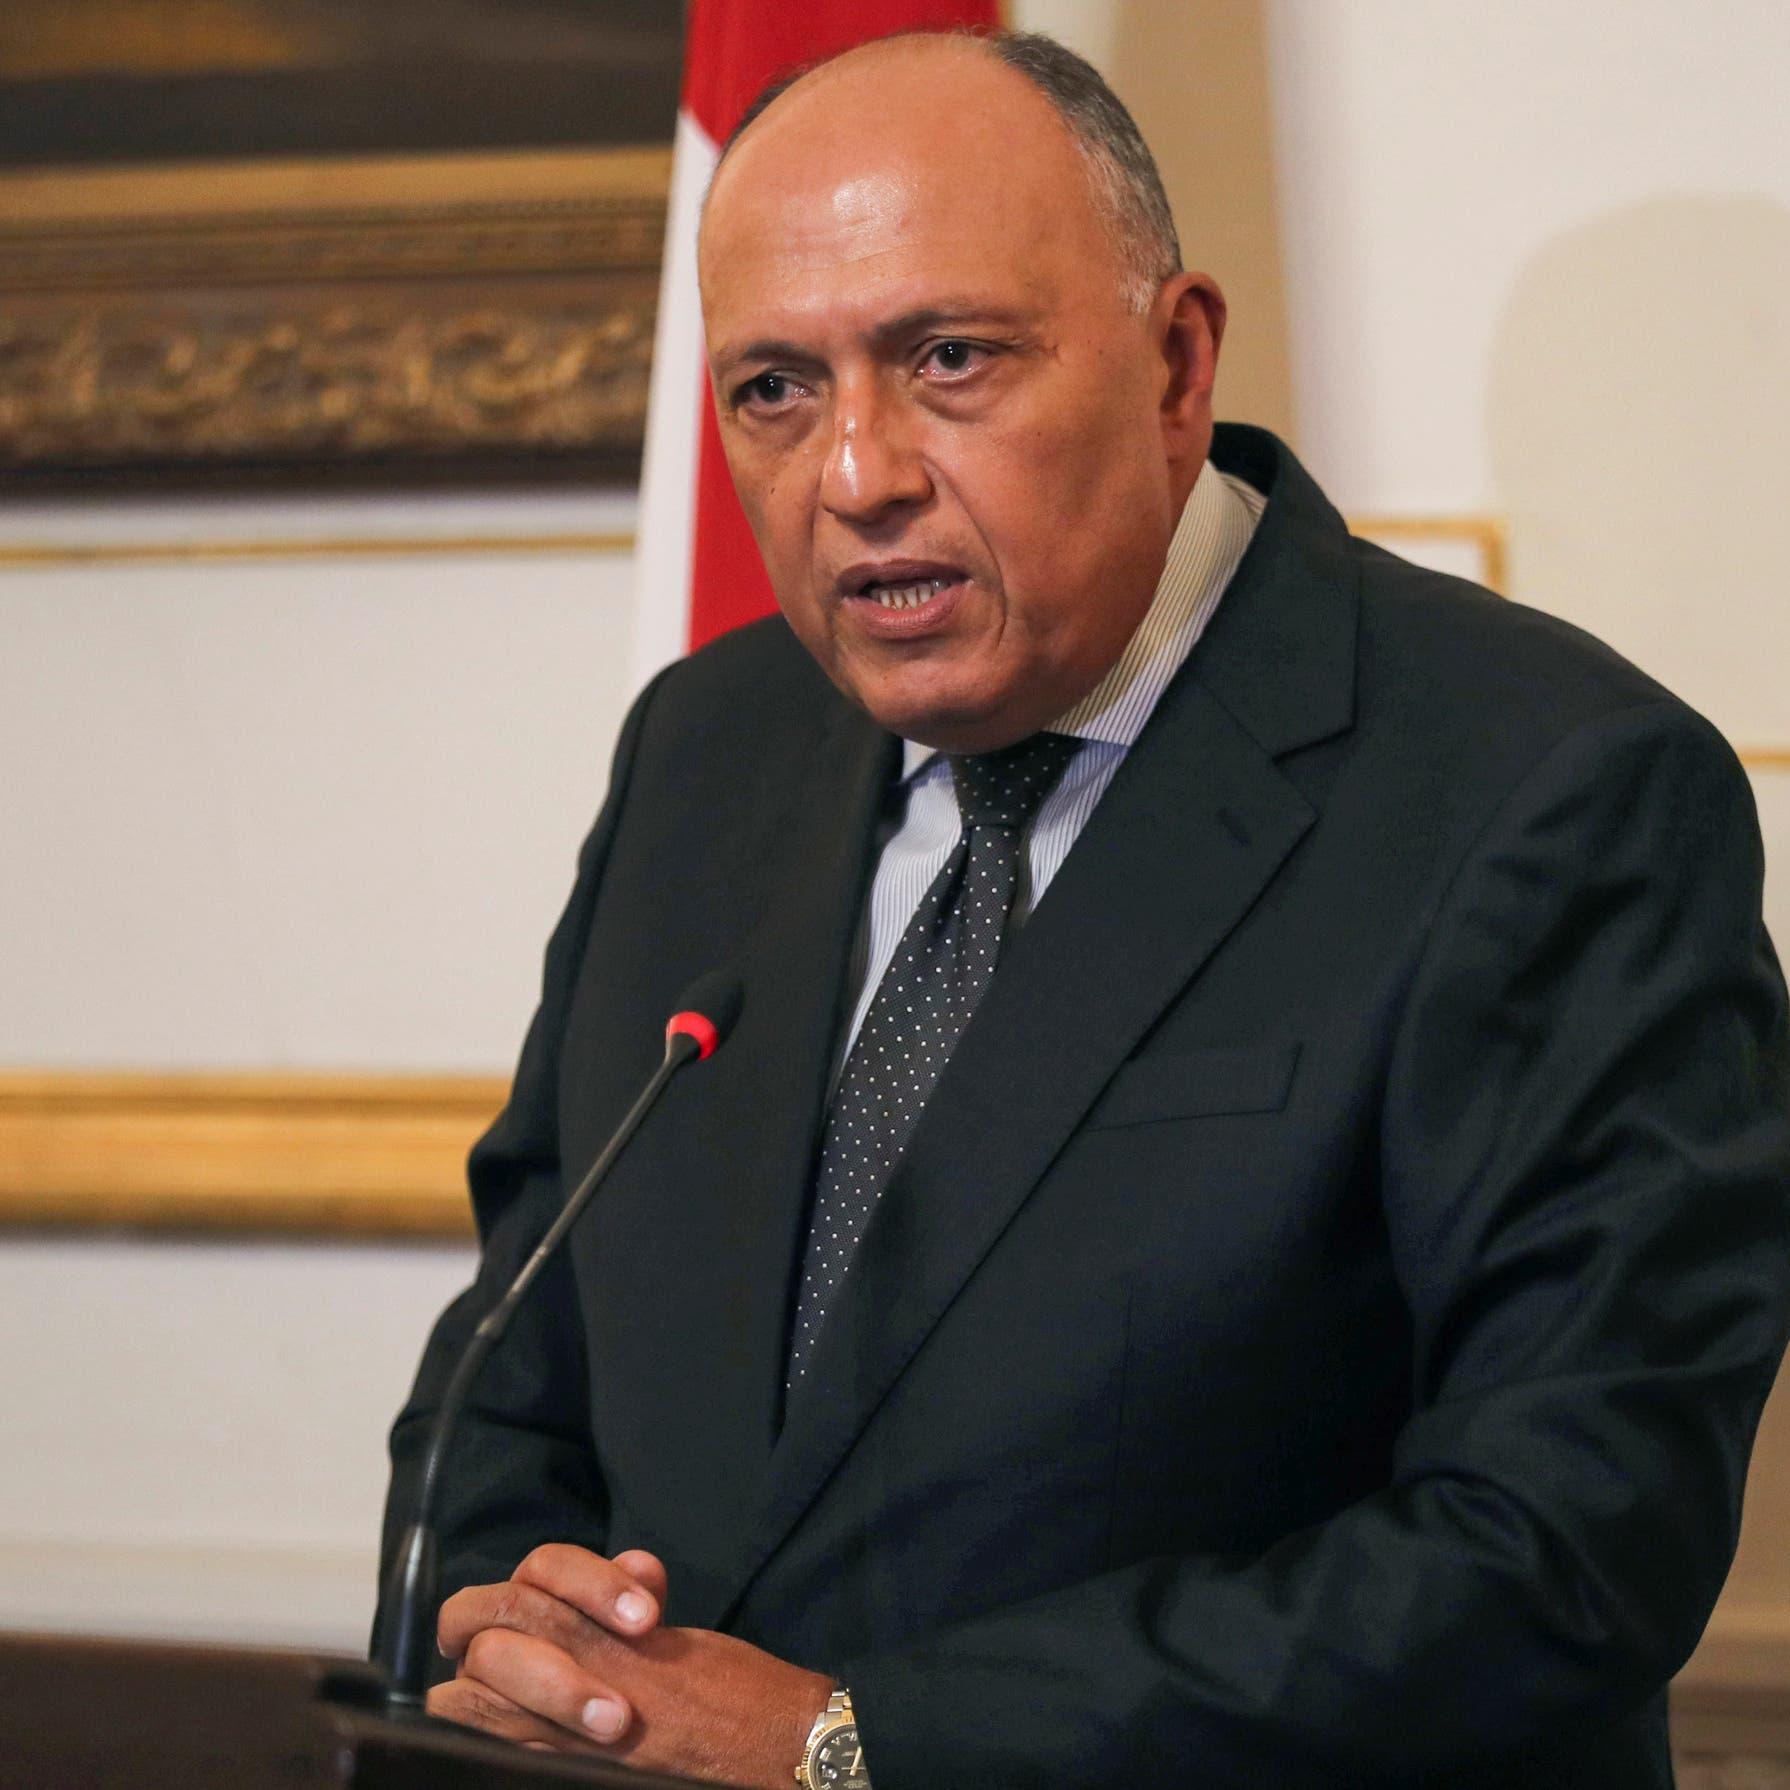 أميركا تدعو مصر والسودان وإثيوبيا لاجتماع حول سد النهضة